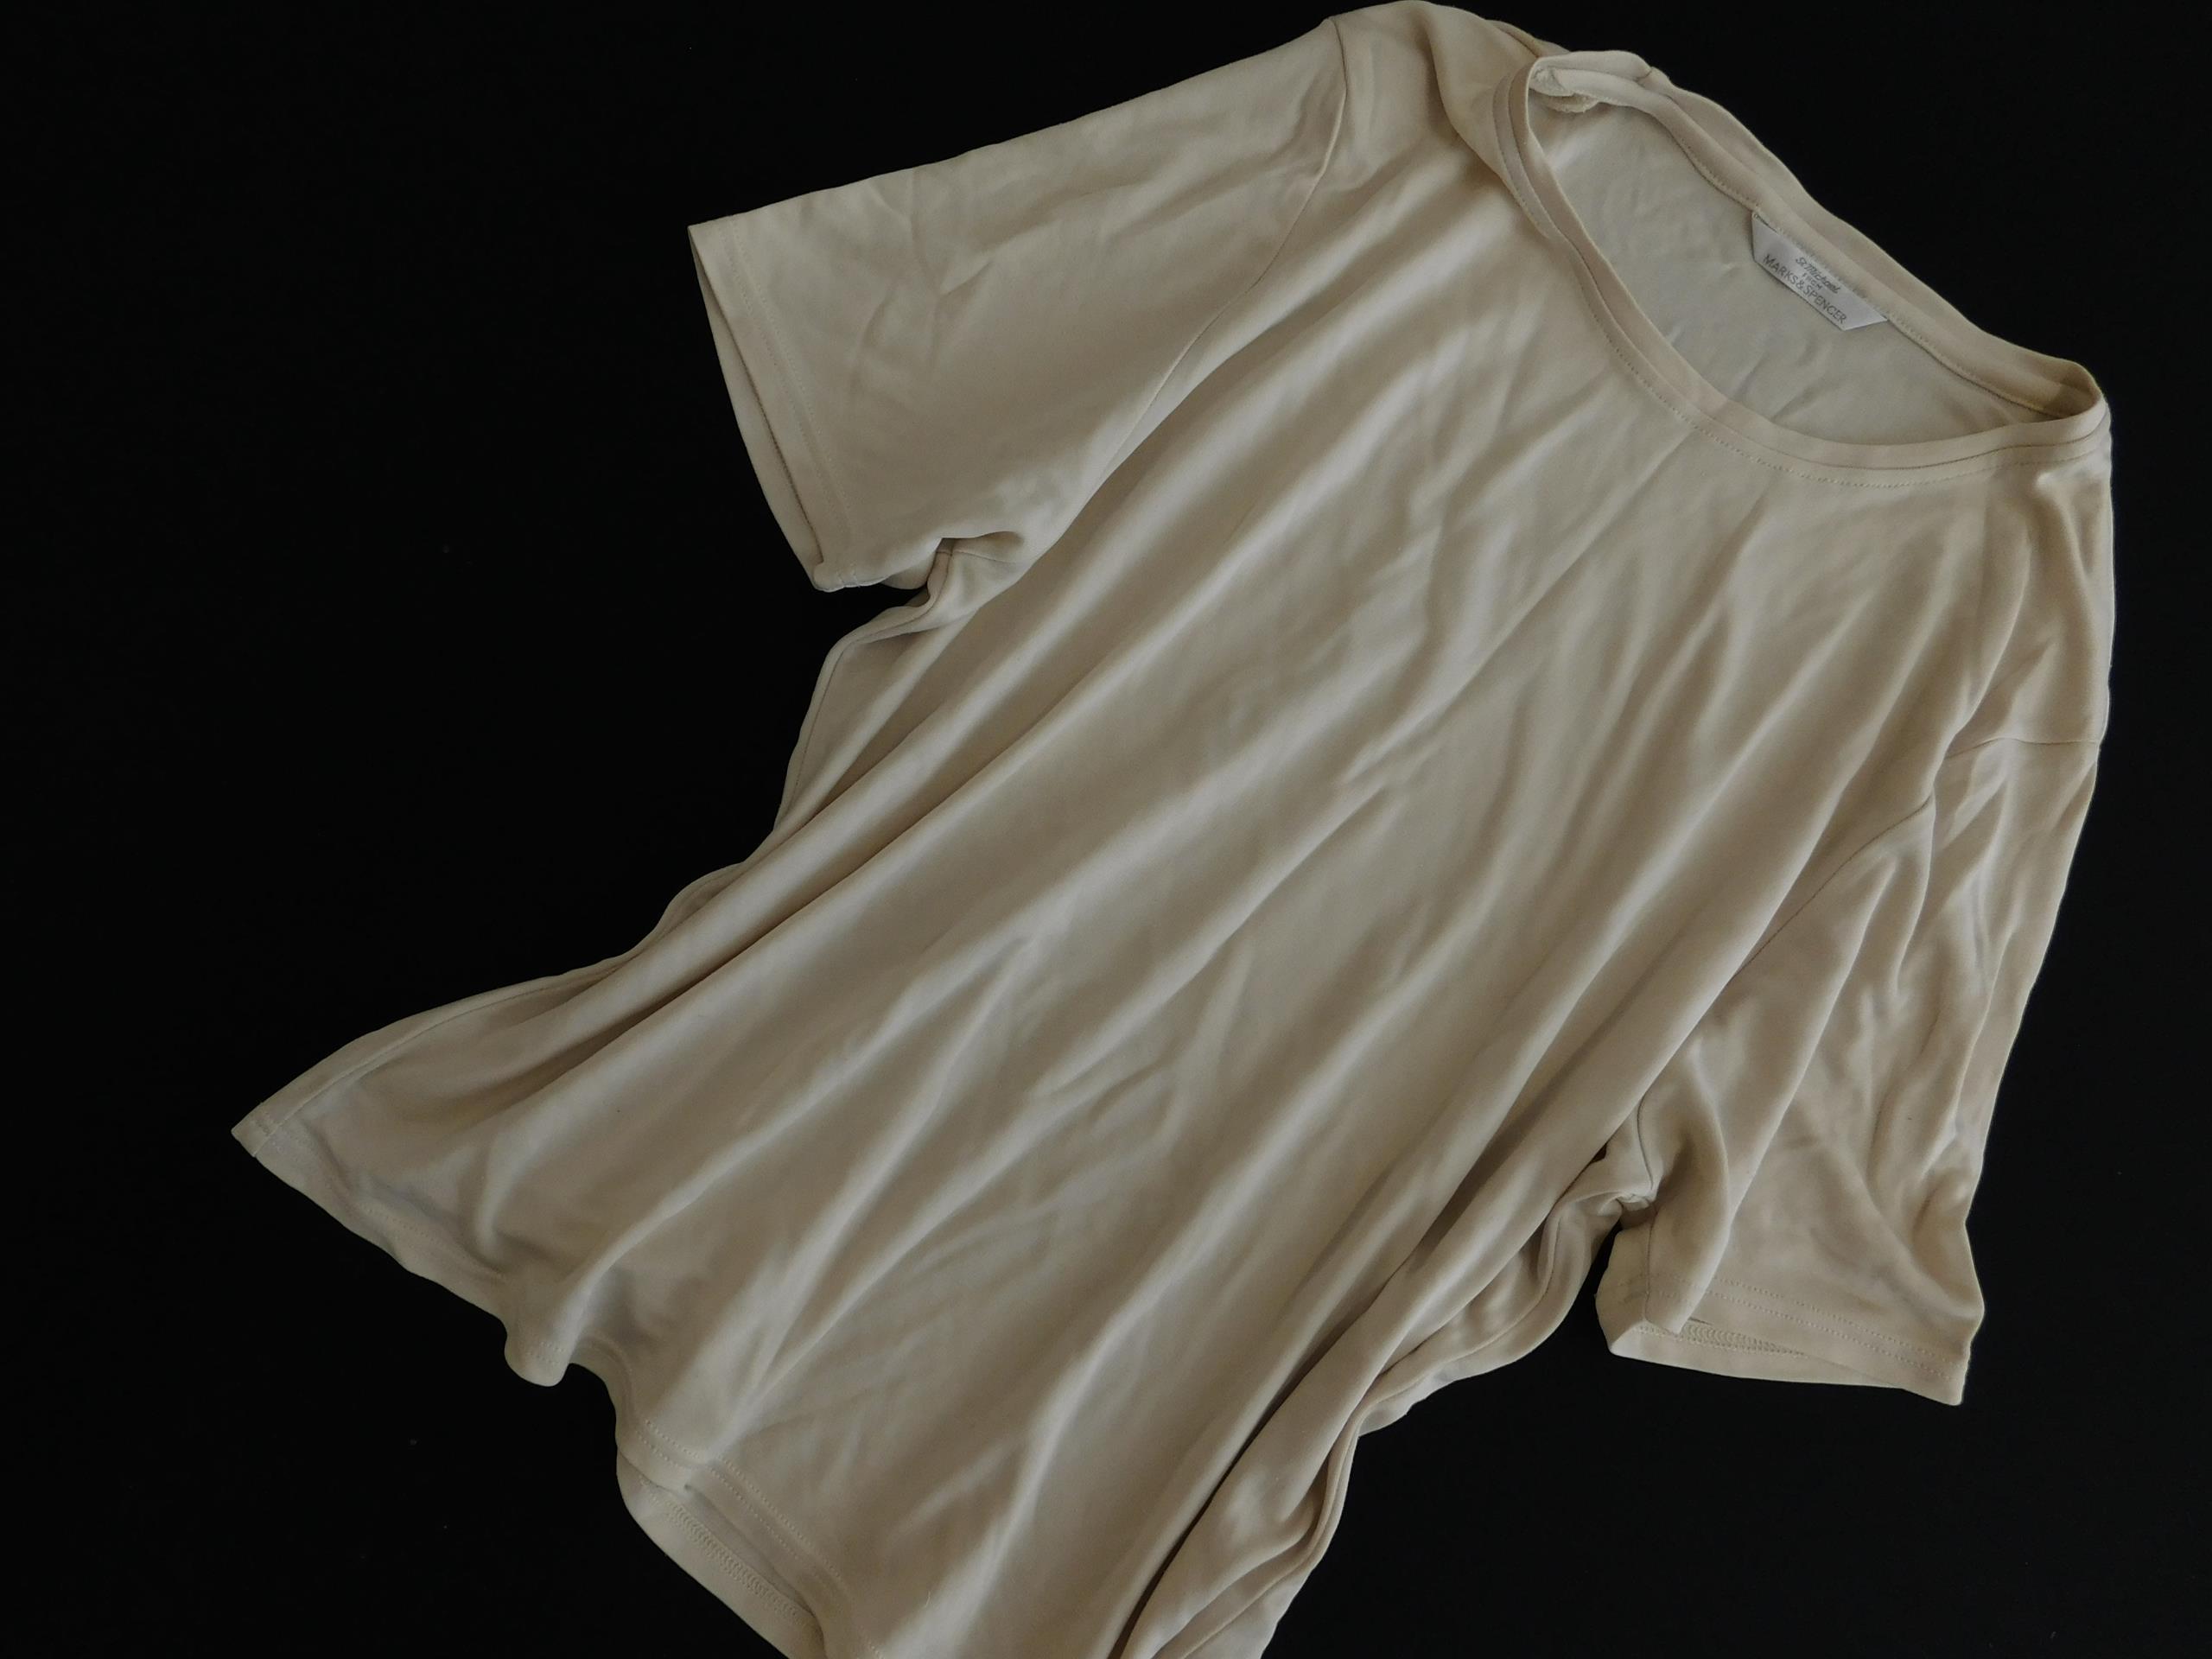 2405p10 M&S klasyczna BLUZKA t shirt IVORY 44